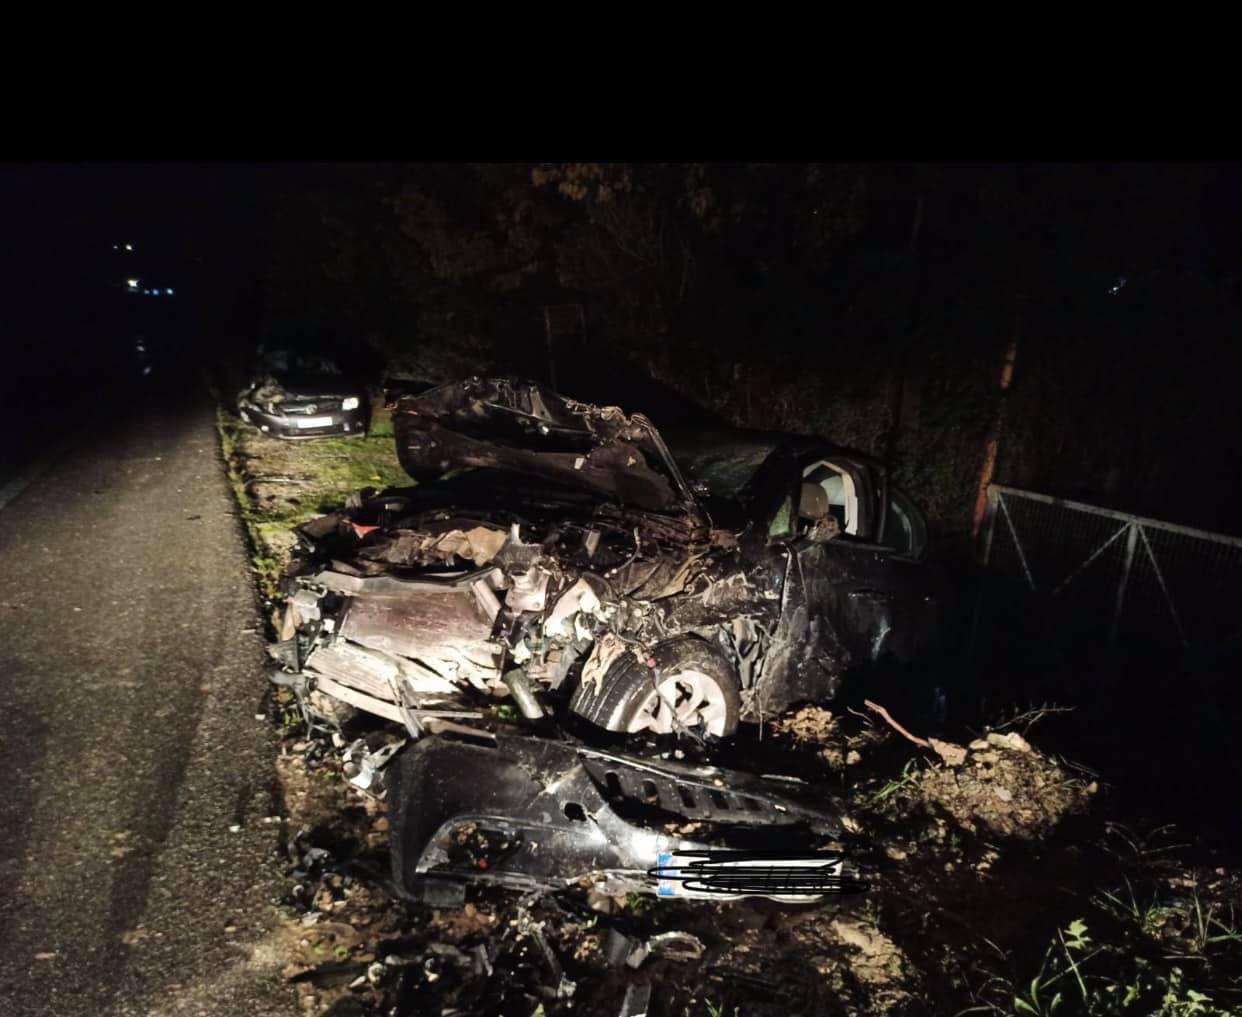 Εικόνες που σοκάρουν από το σοβαρό τροχαίο στο δρόμο Ηράκλειο Μεσαρά – Στο νοσοκομείο οι δύο οδηγοί